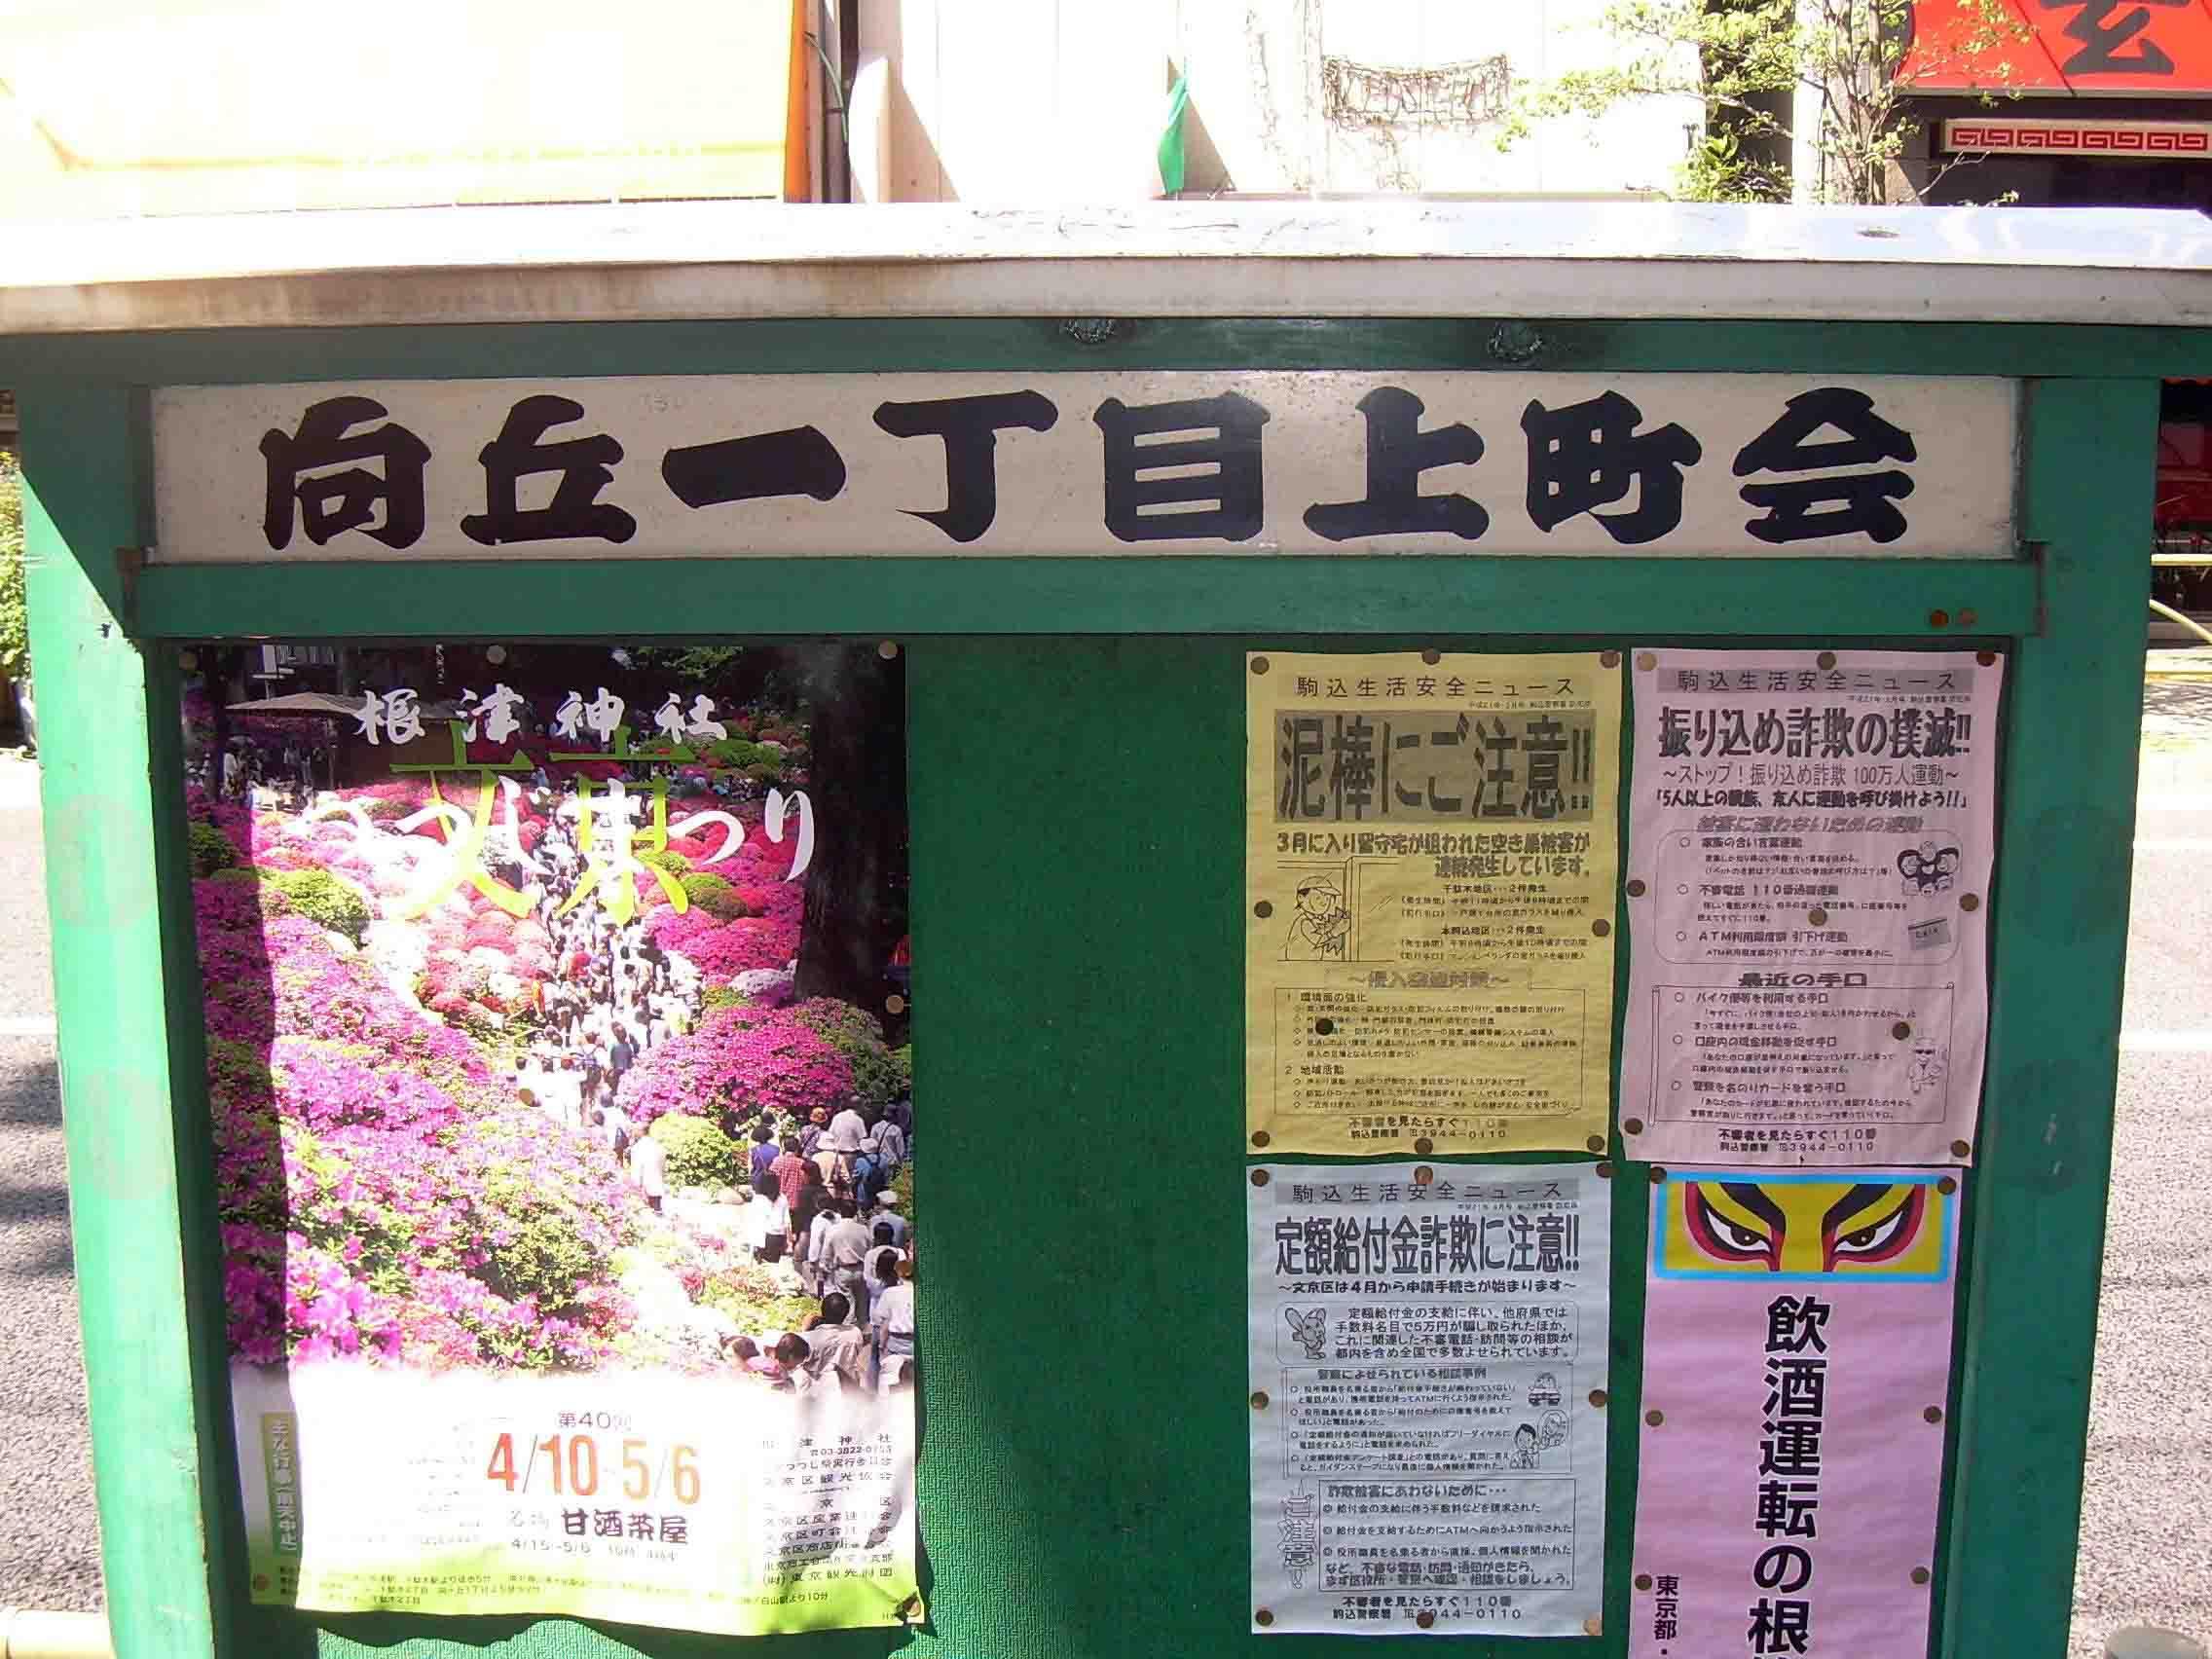 街角の文字 東京 ロンドン_e0175918_1942249.jpg